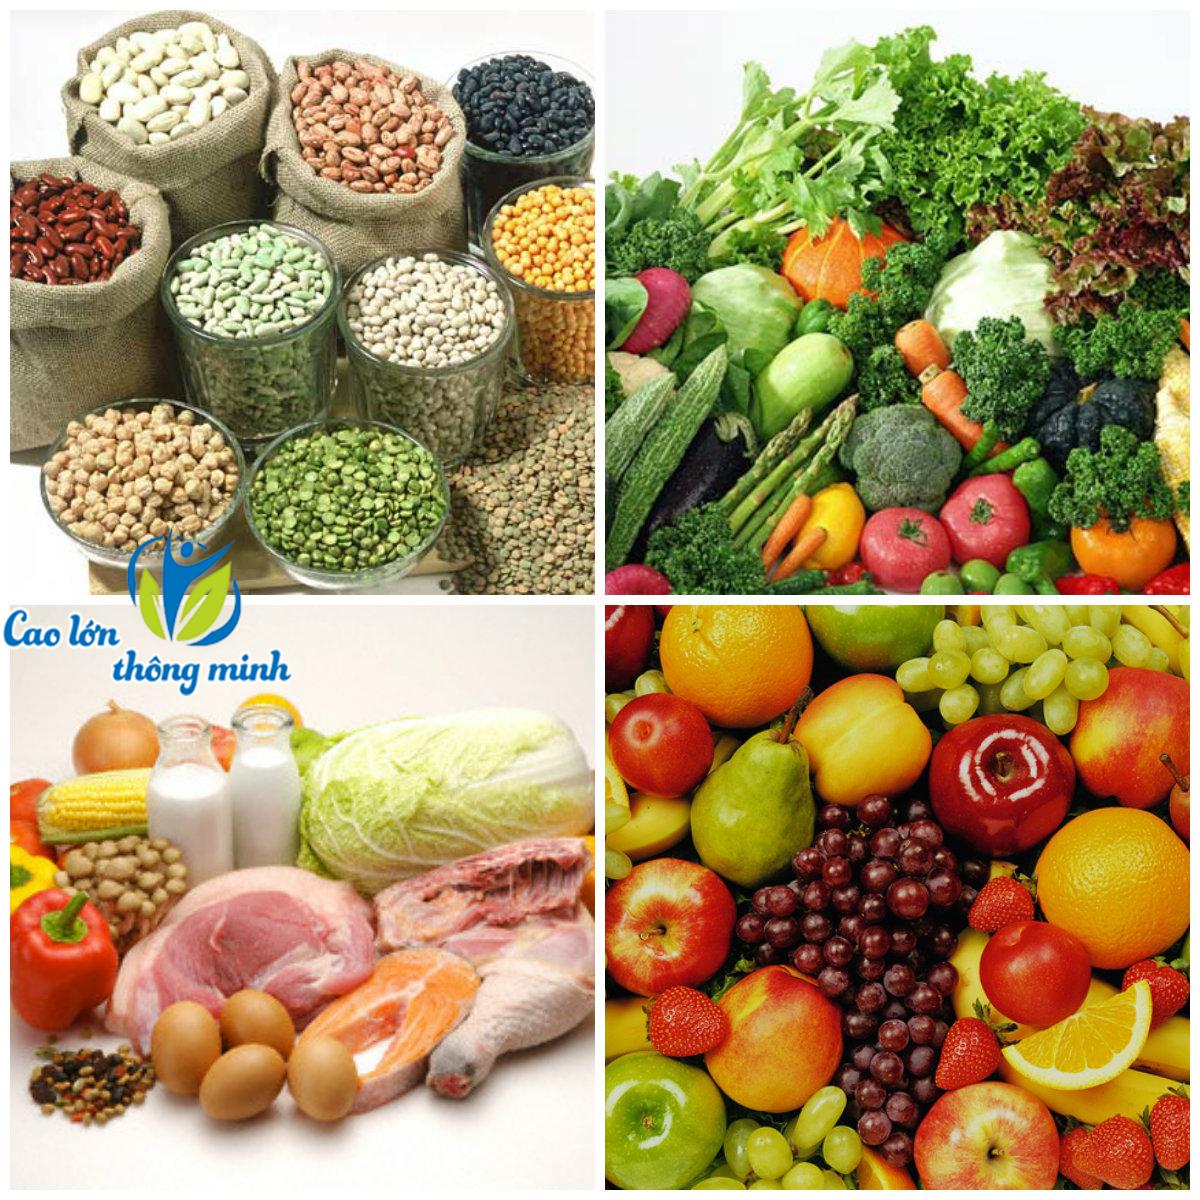 4 nhóm chất dinh dưỡng